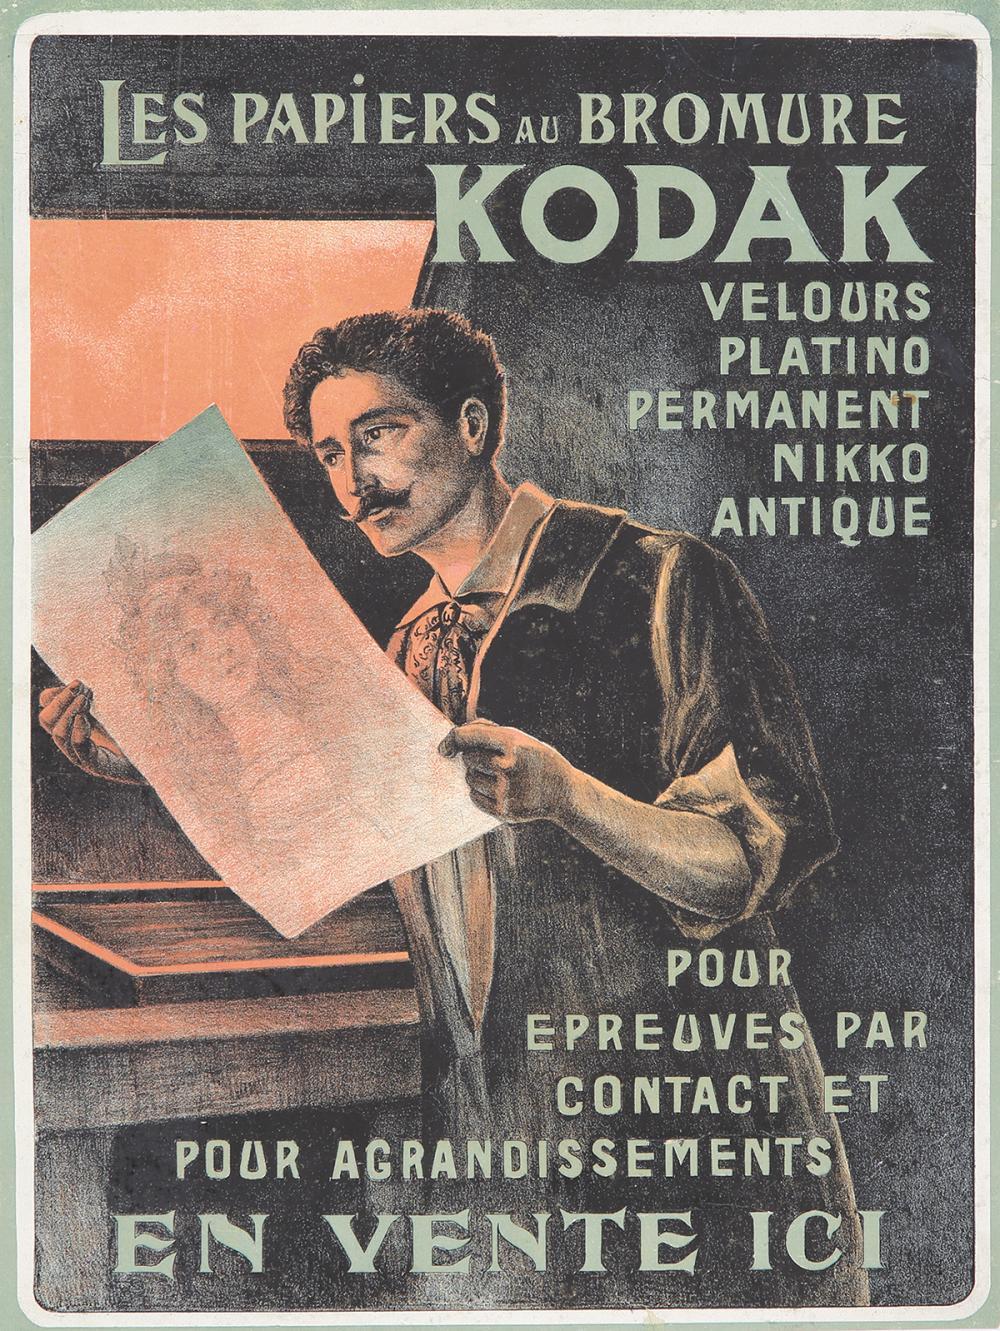 Kodak. ca. 1900s.